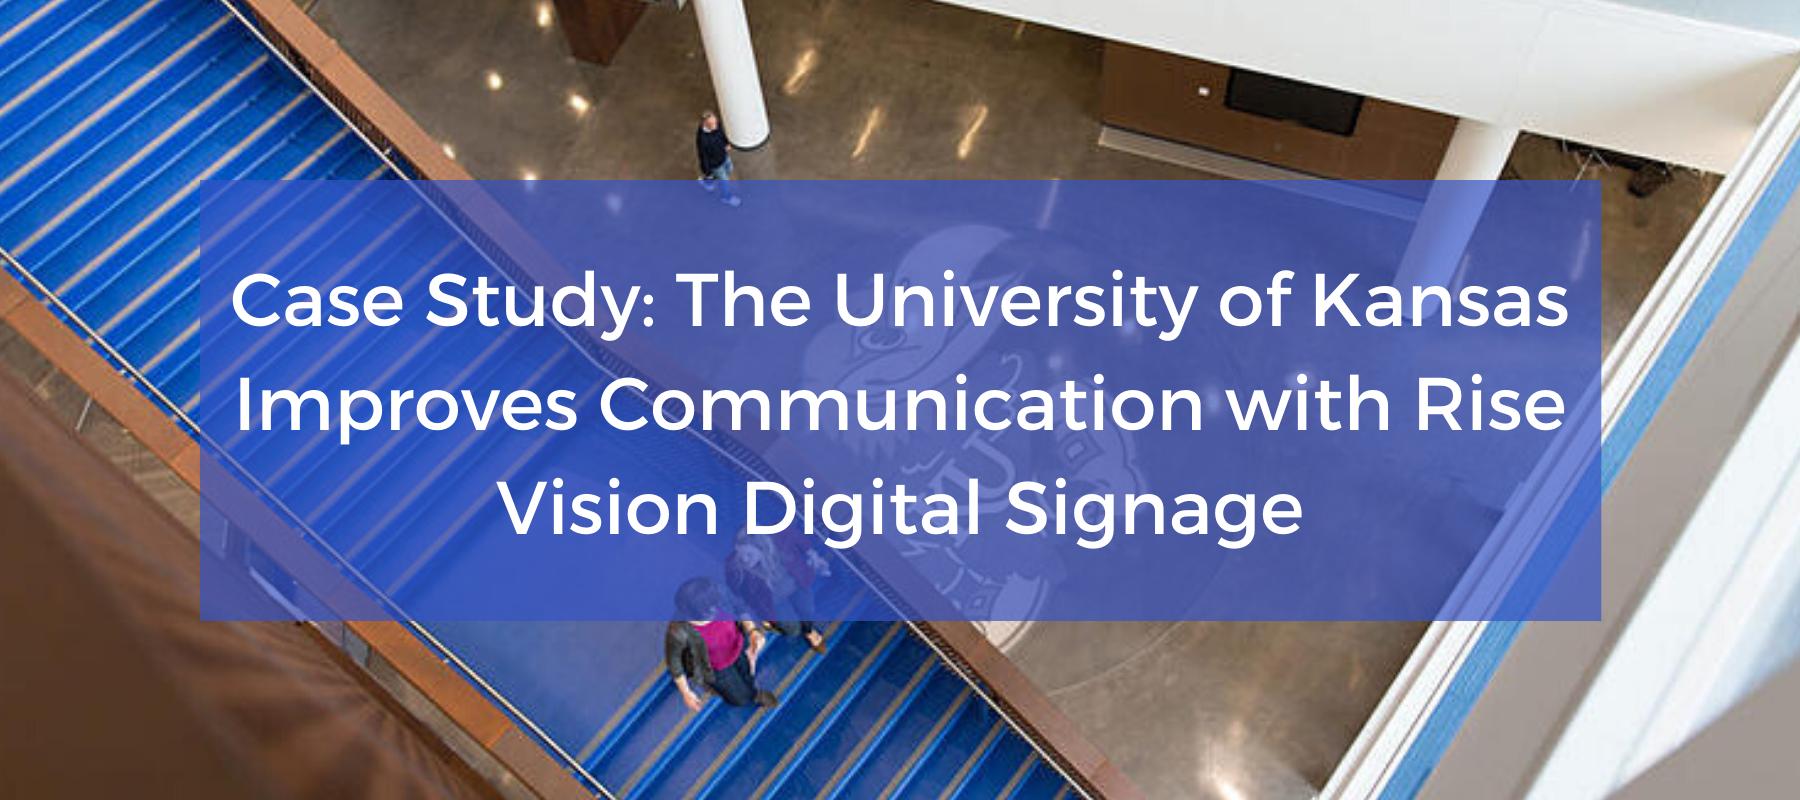 University of Kansas Improves Communication with Rise Vision Digital Signage